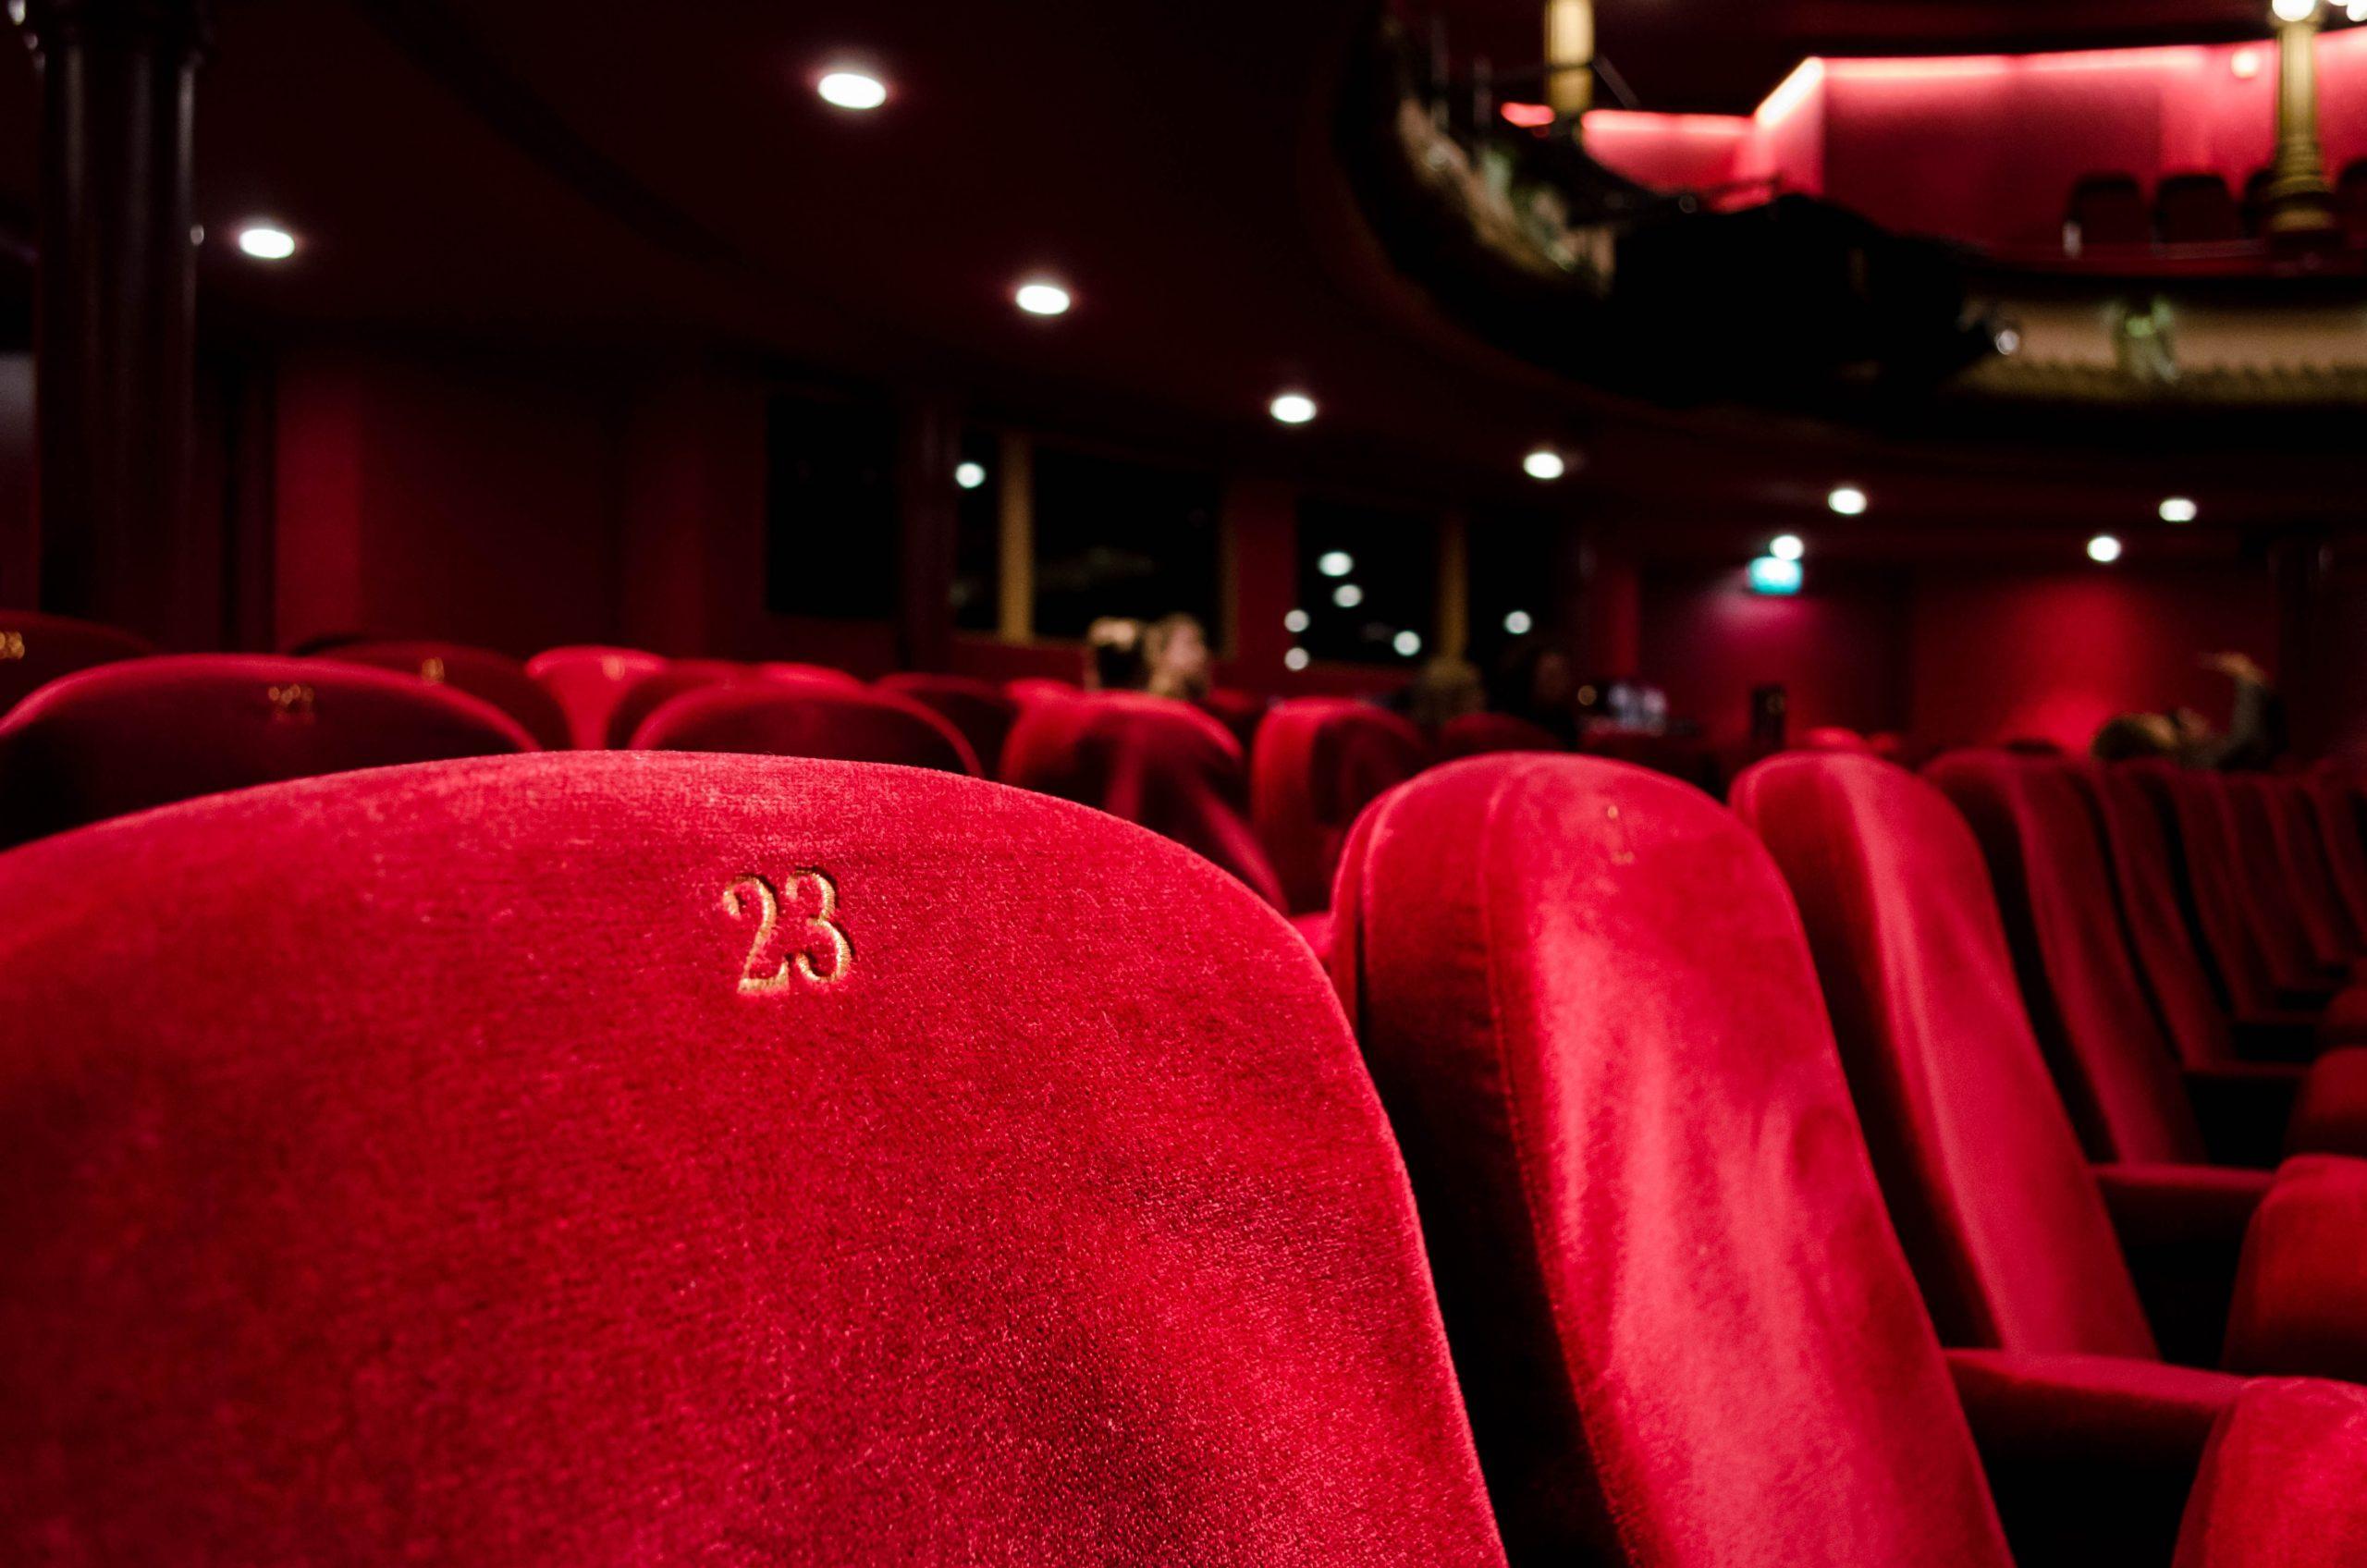 Gremo v kino